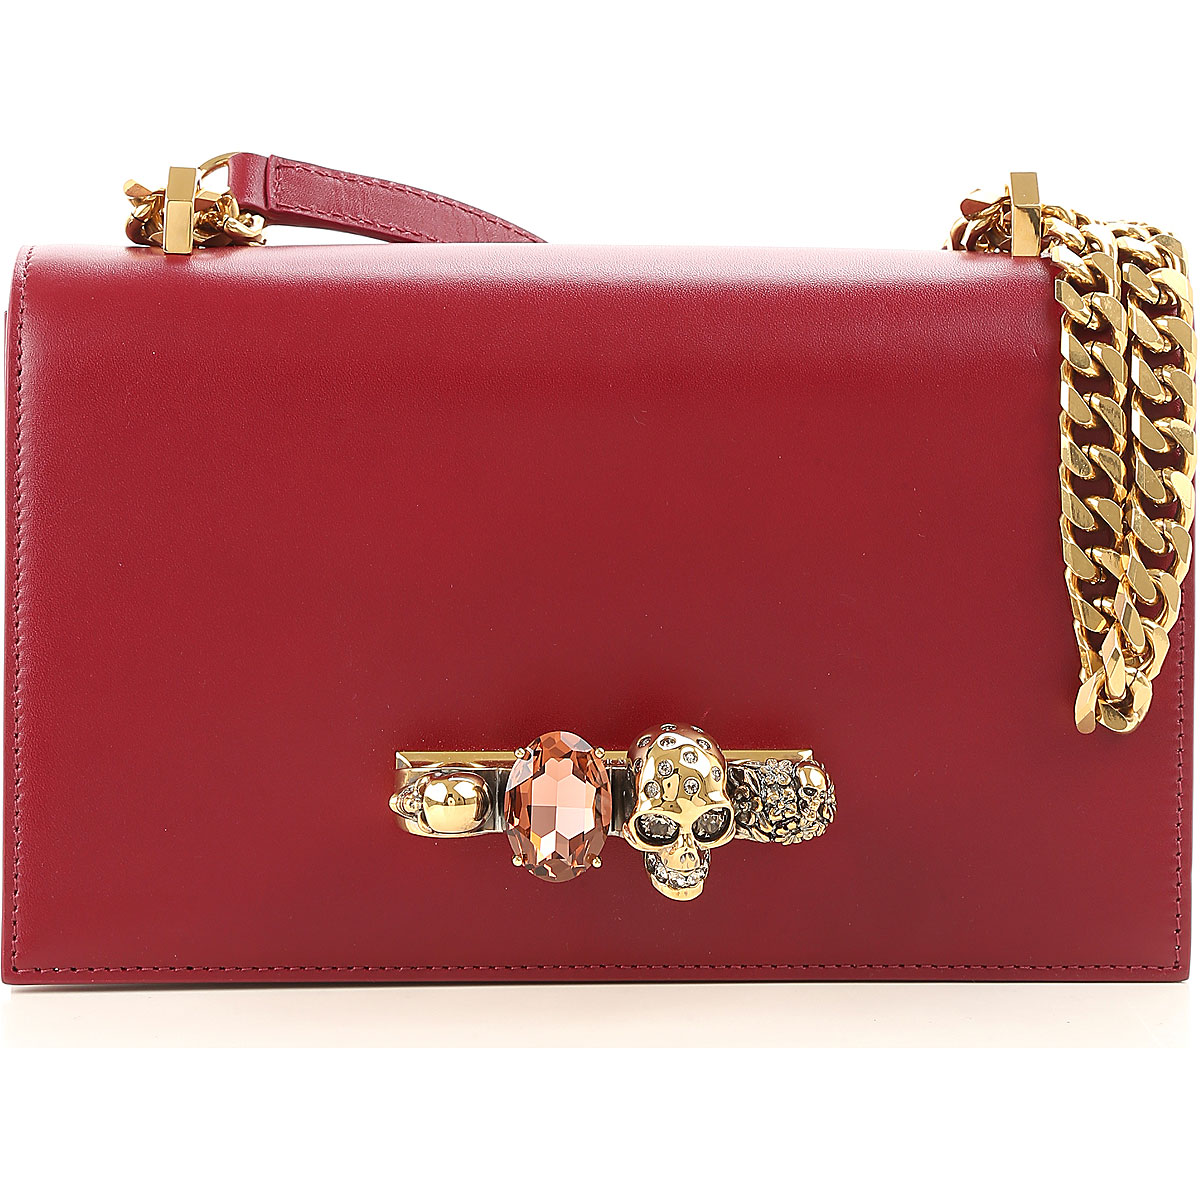 Image of Alexander McQueen Shoulder Bag for Women, Dark Rose, Leather, 2017